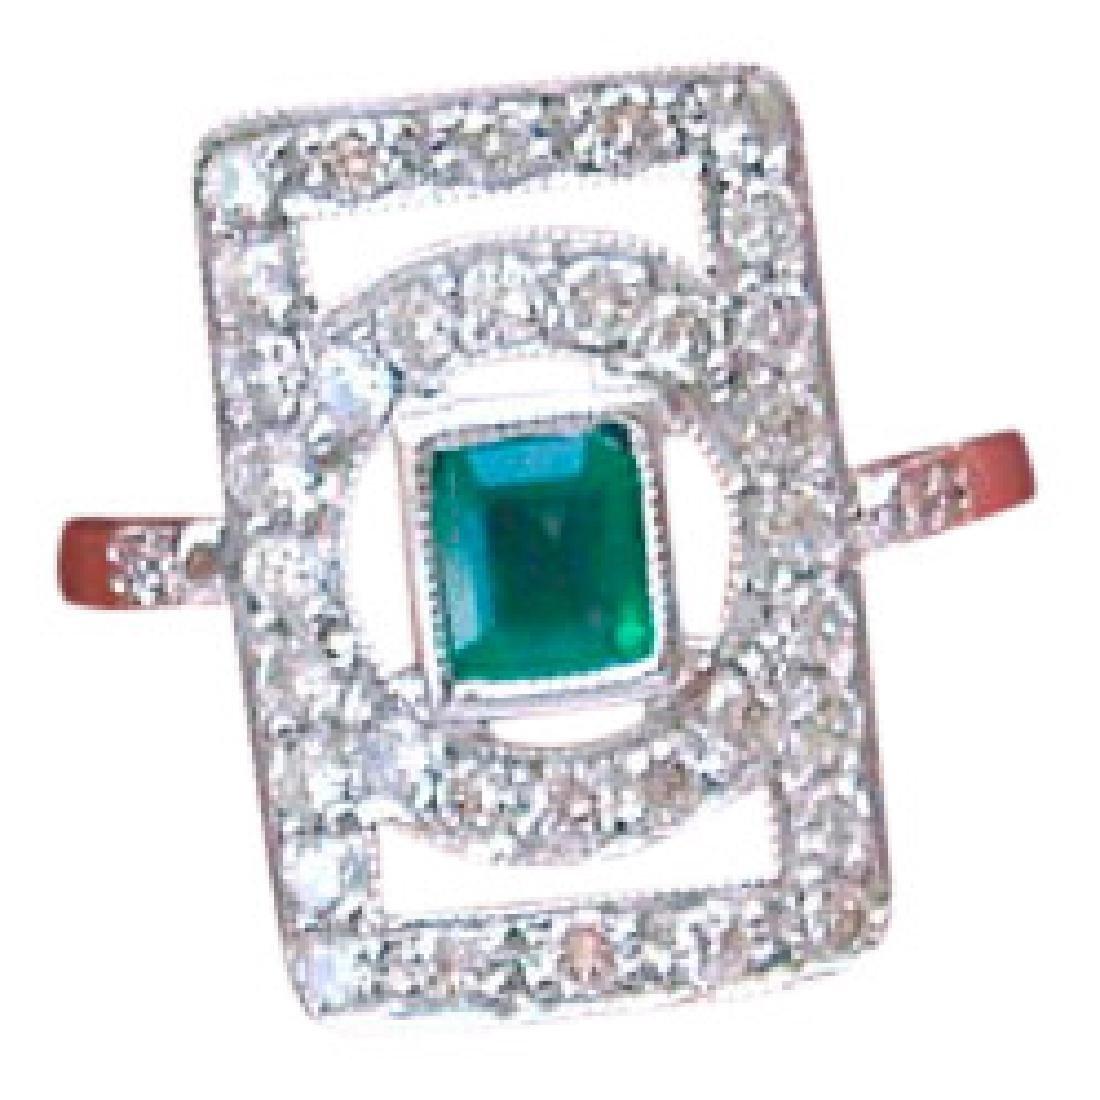 Deco Diamond Emerald Platinum Ring